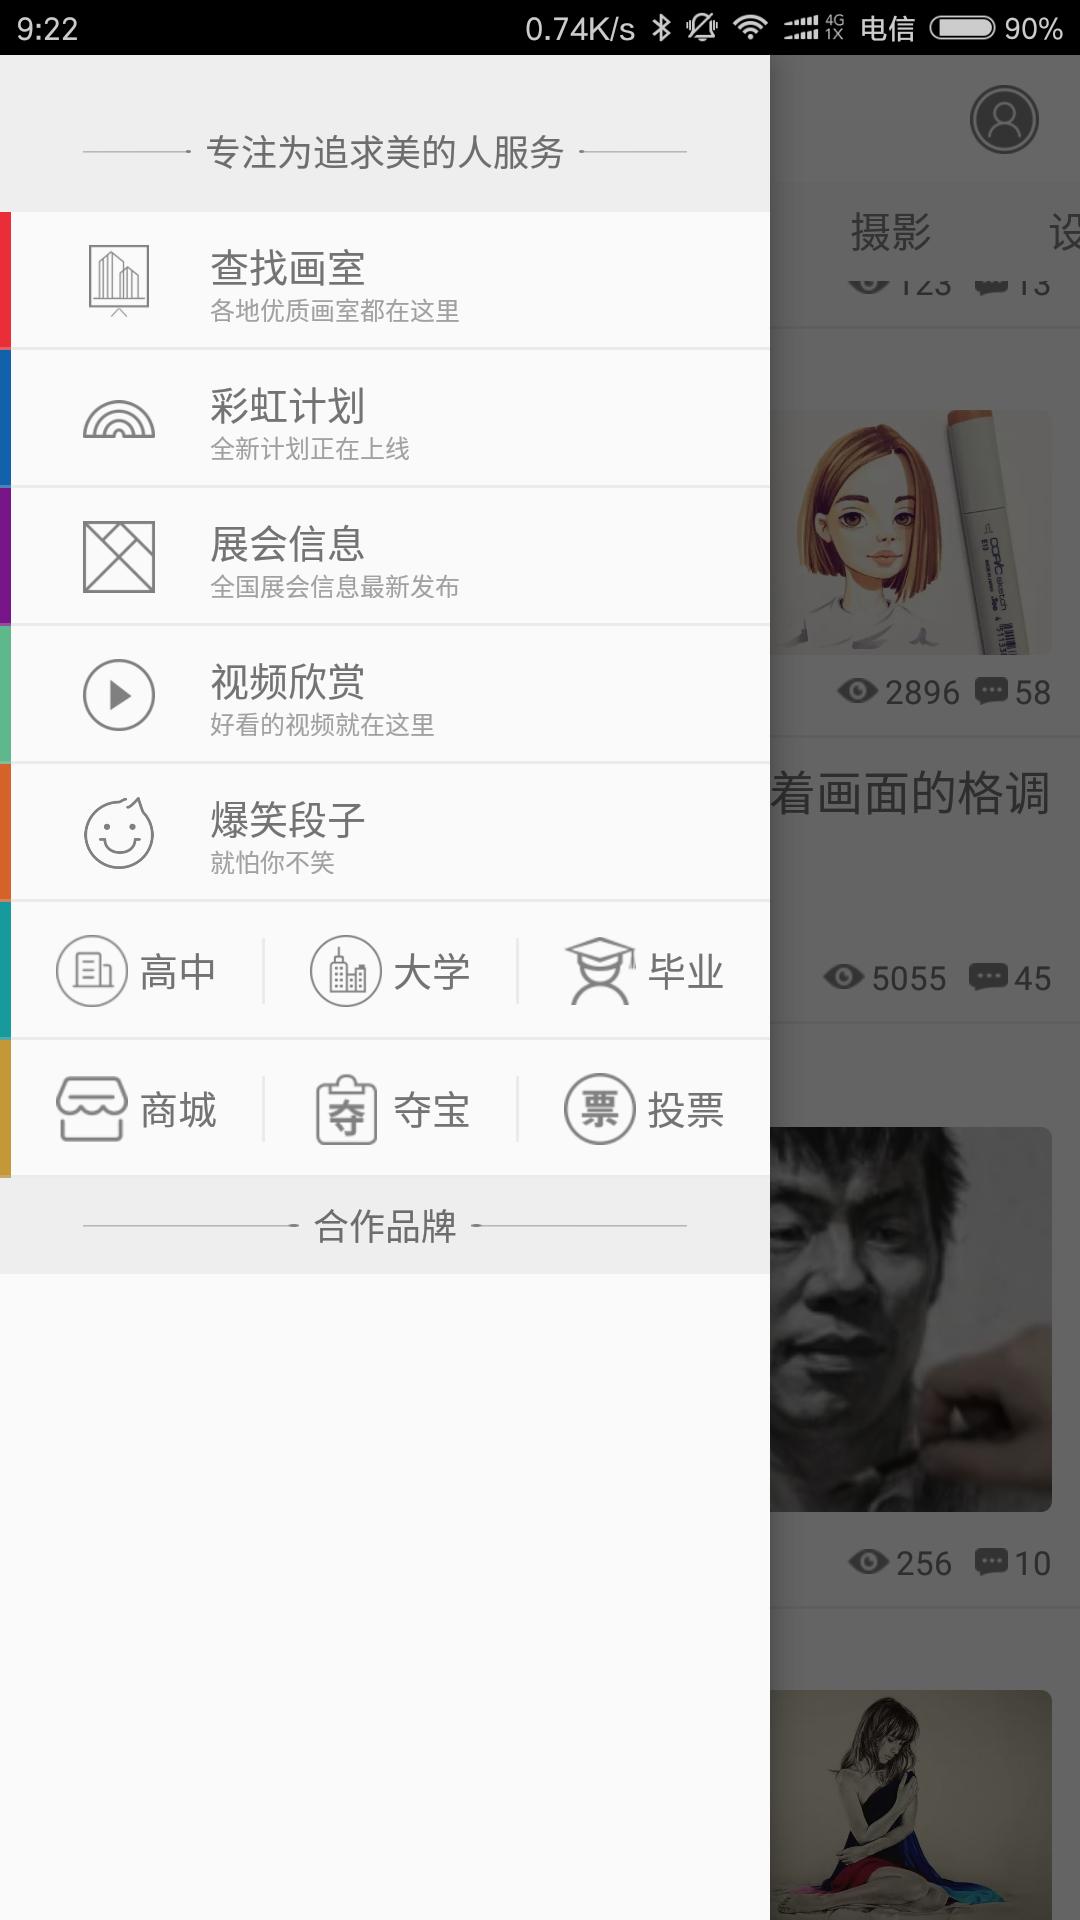 美术生 V2.0.0 安卓版截图3